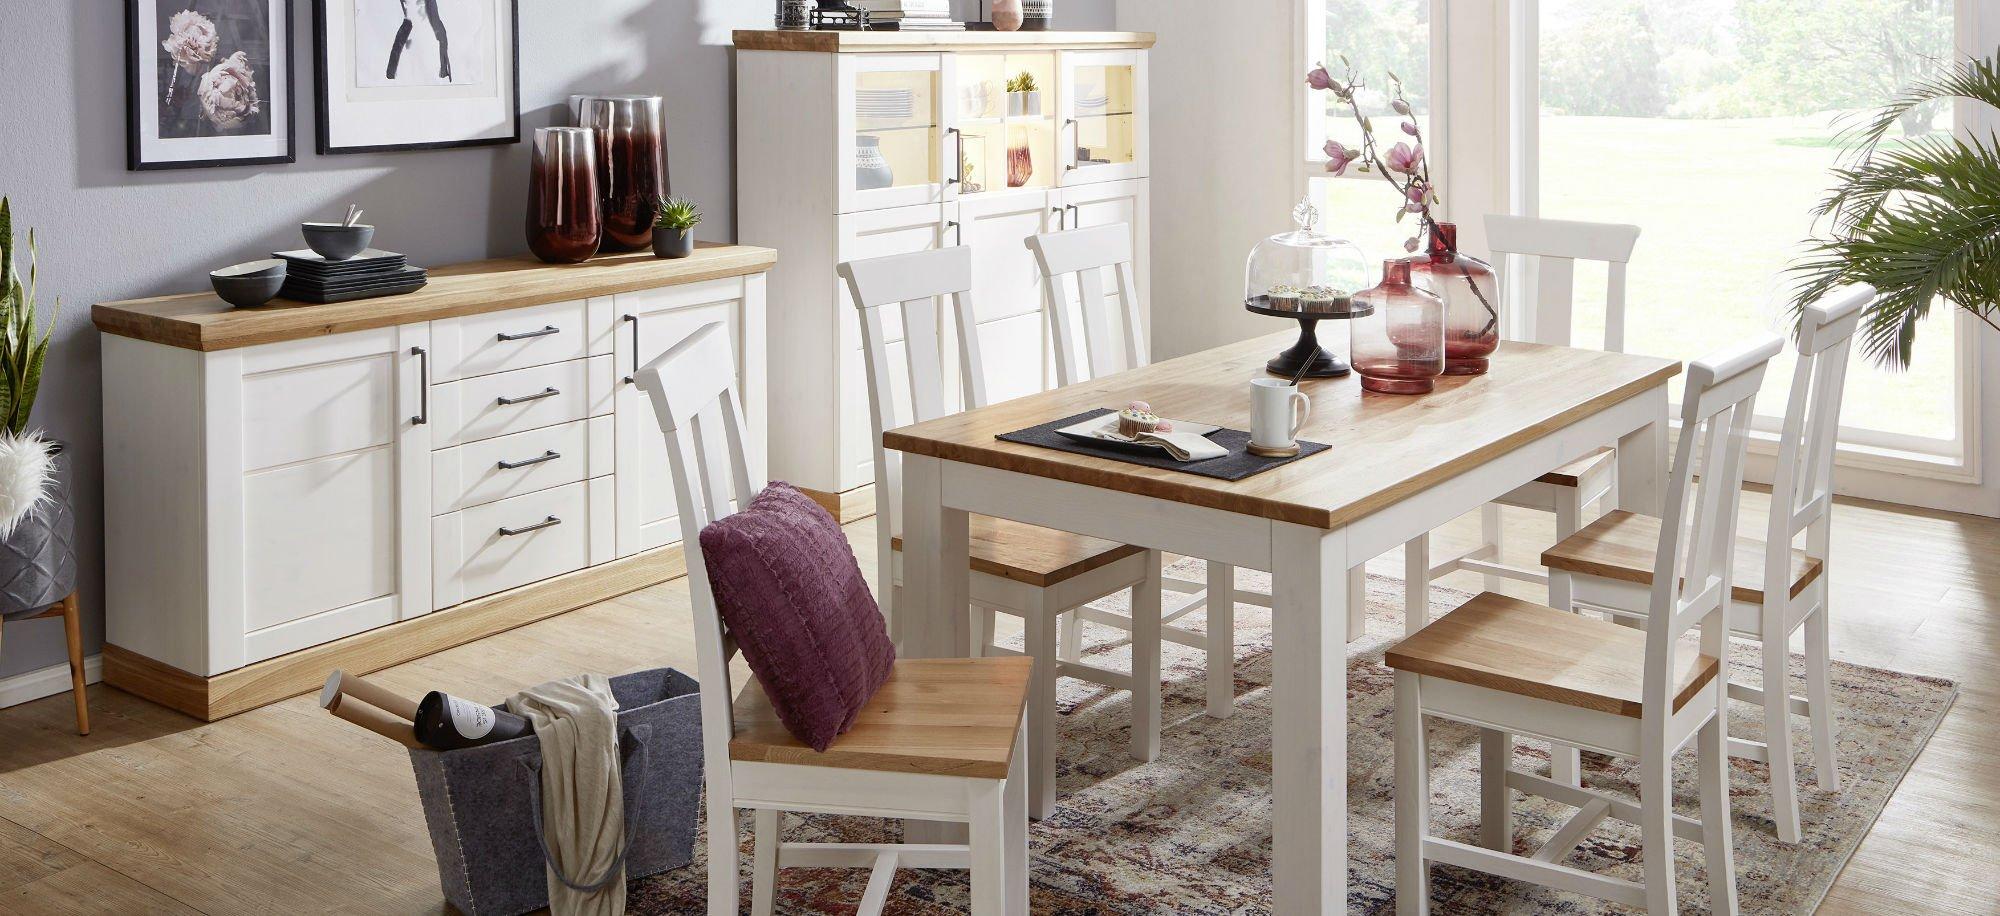 Wohnzimmer Speisezimmer Hagebro Kiefer Massiv weiß, Bild 1